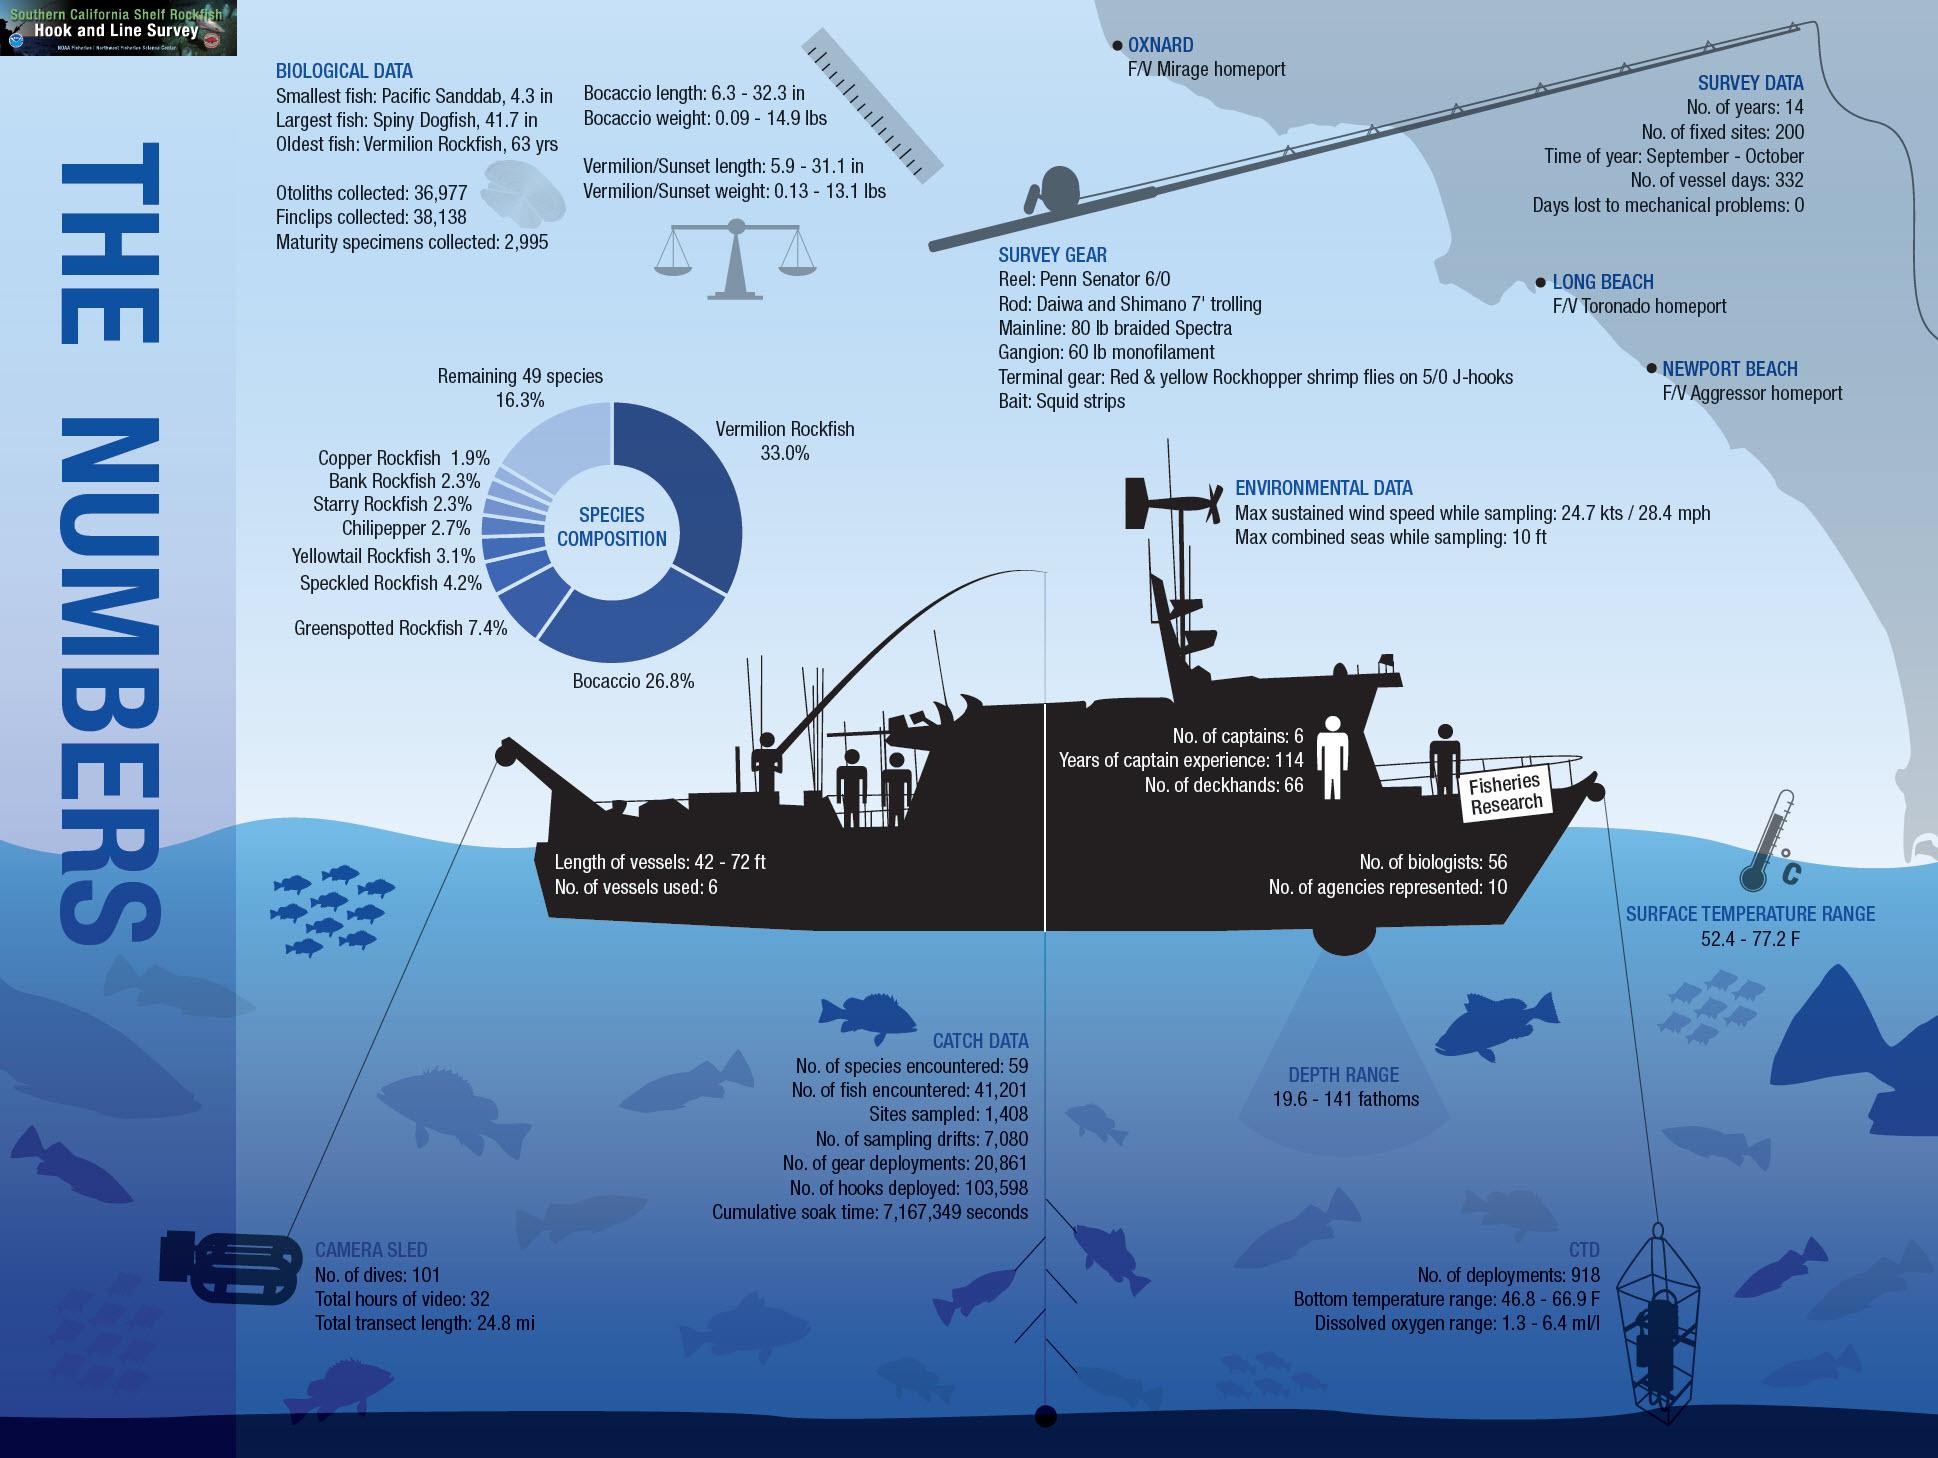 Southern CA Shelf Rockfish Survey Infographic - PSMFC 2017